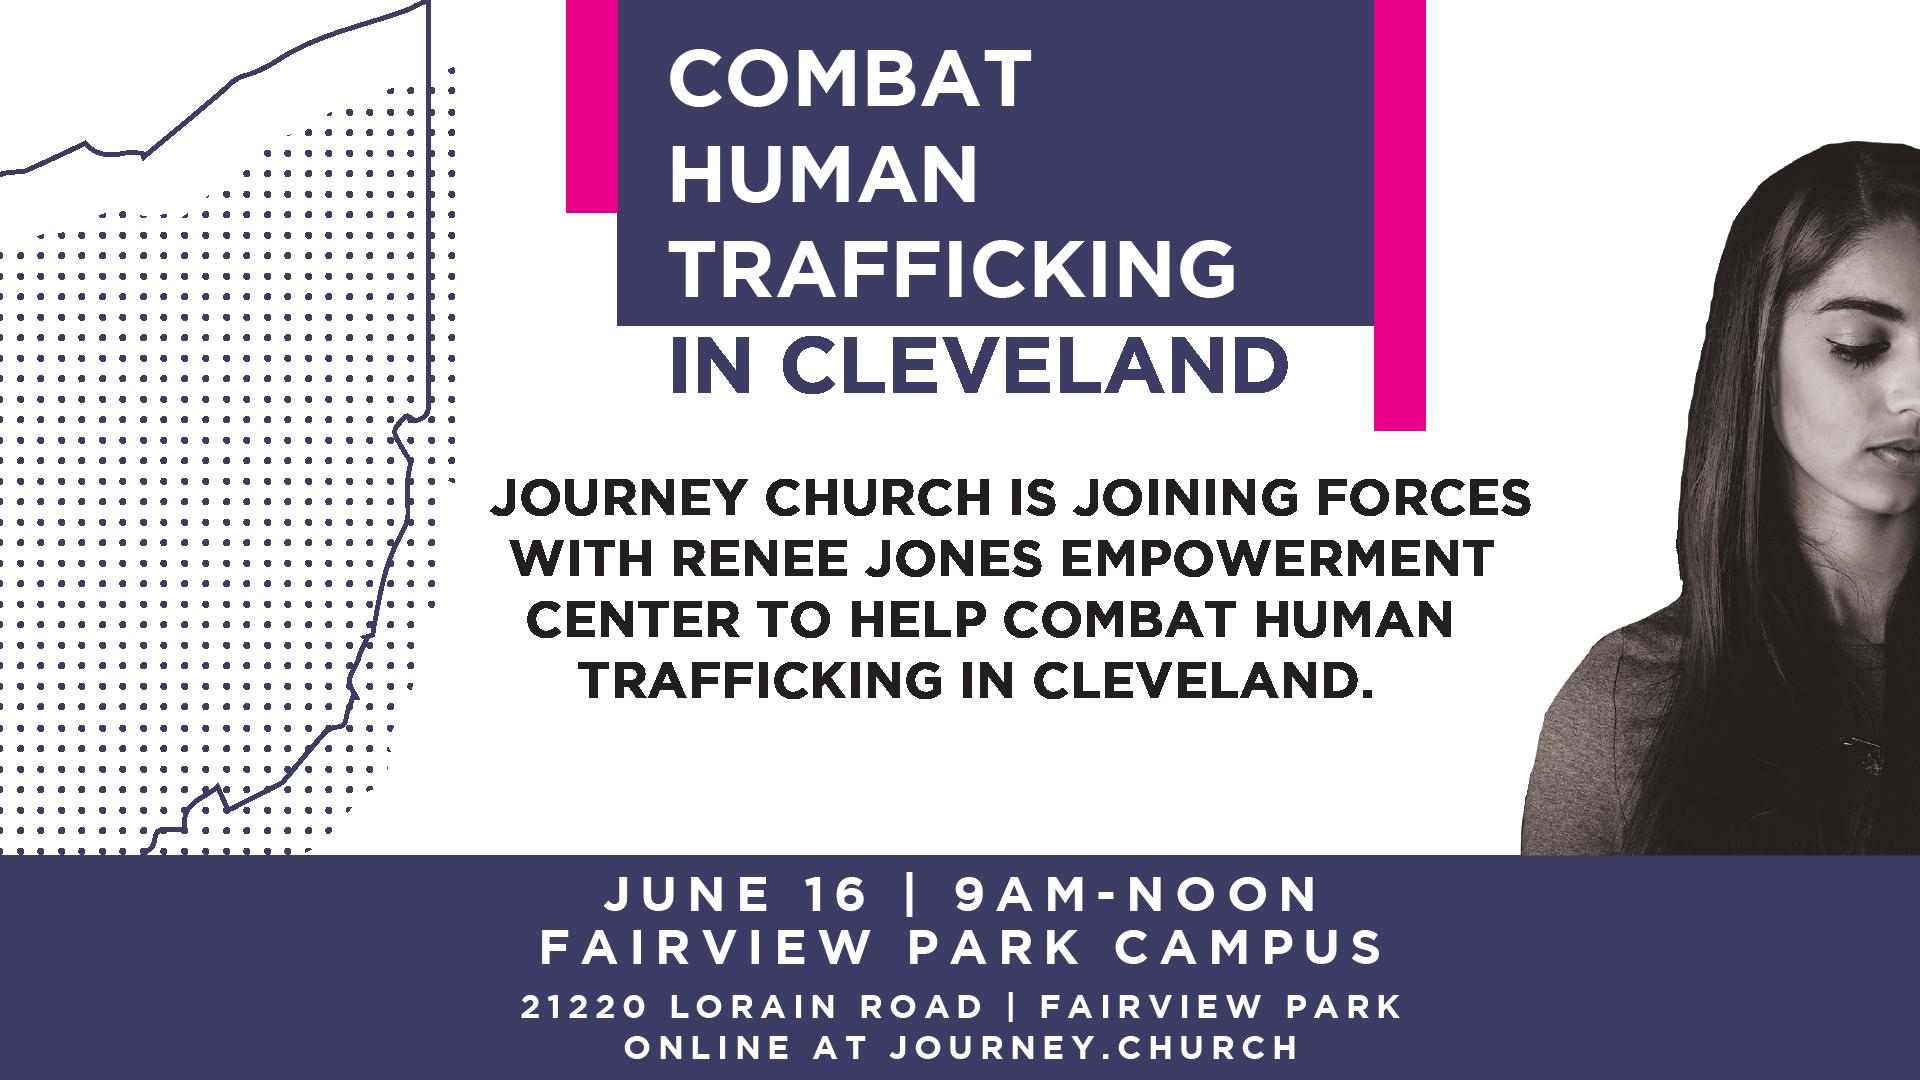 Human trafficking slide